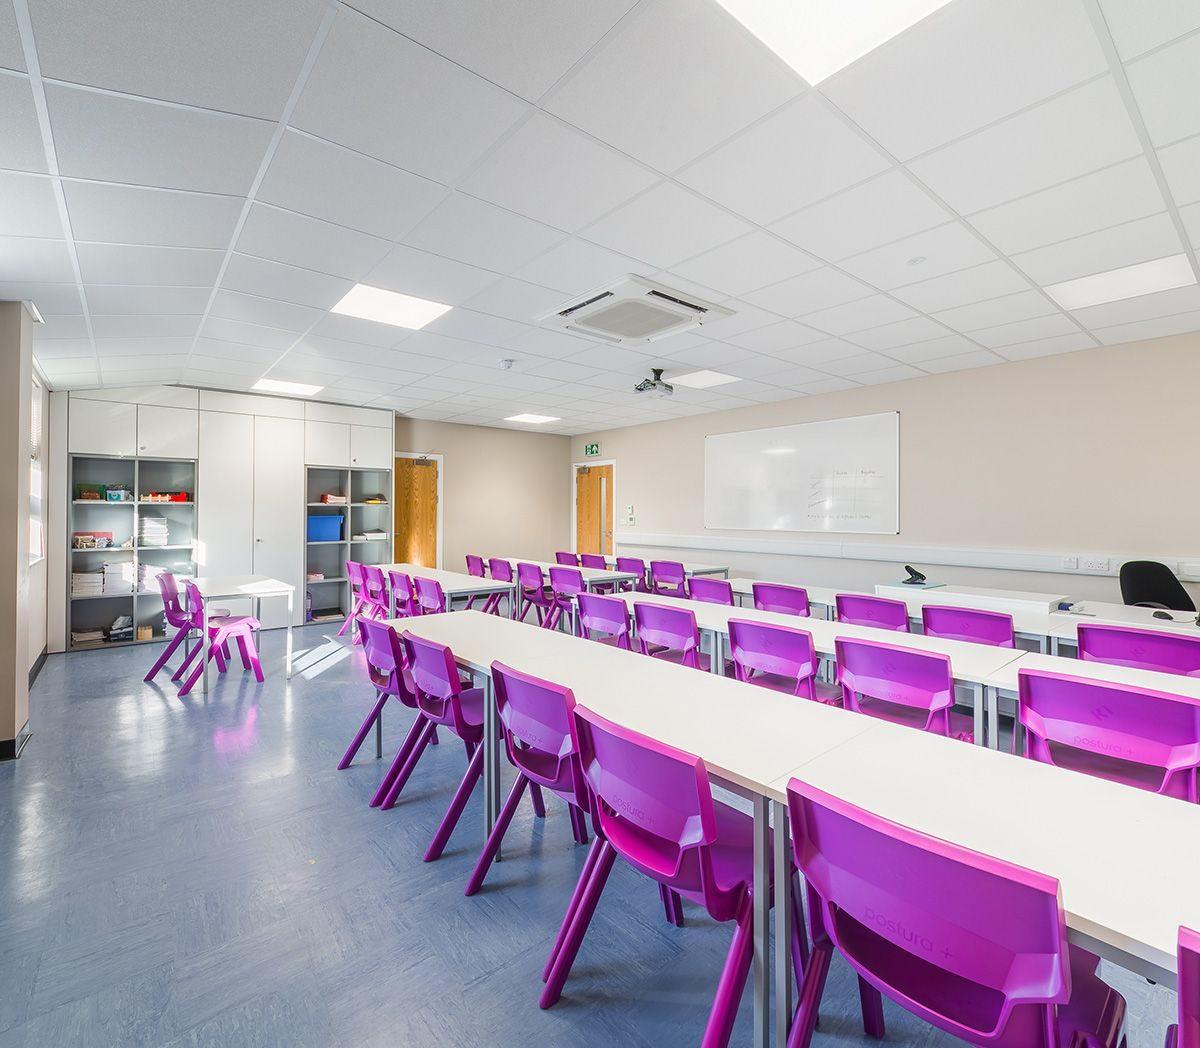 Chauncy School